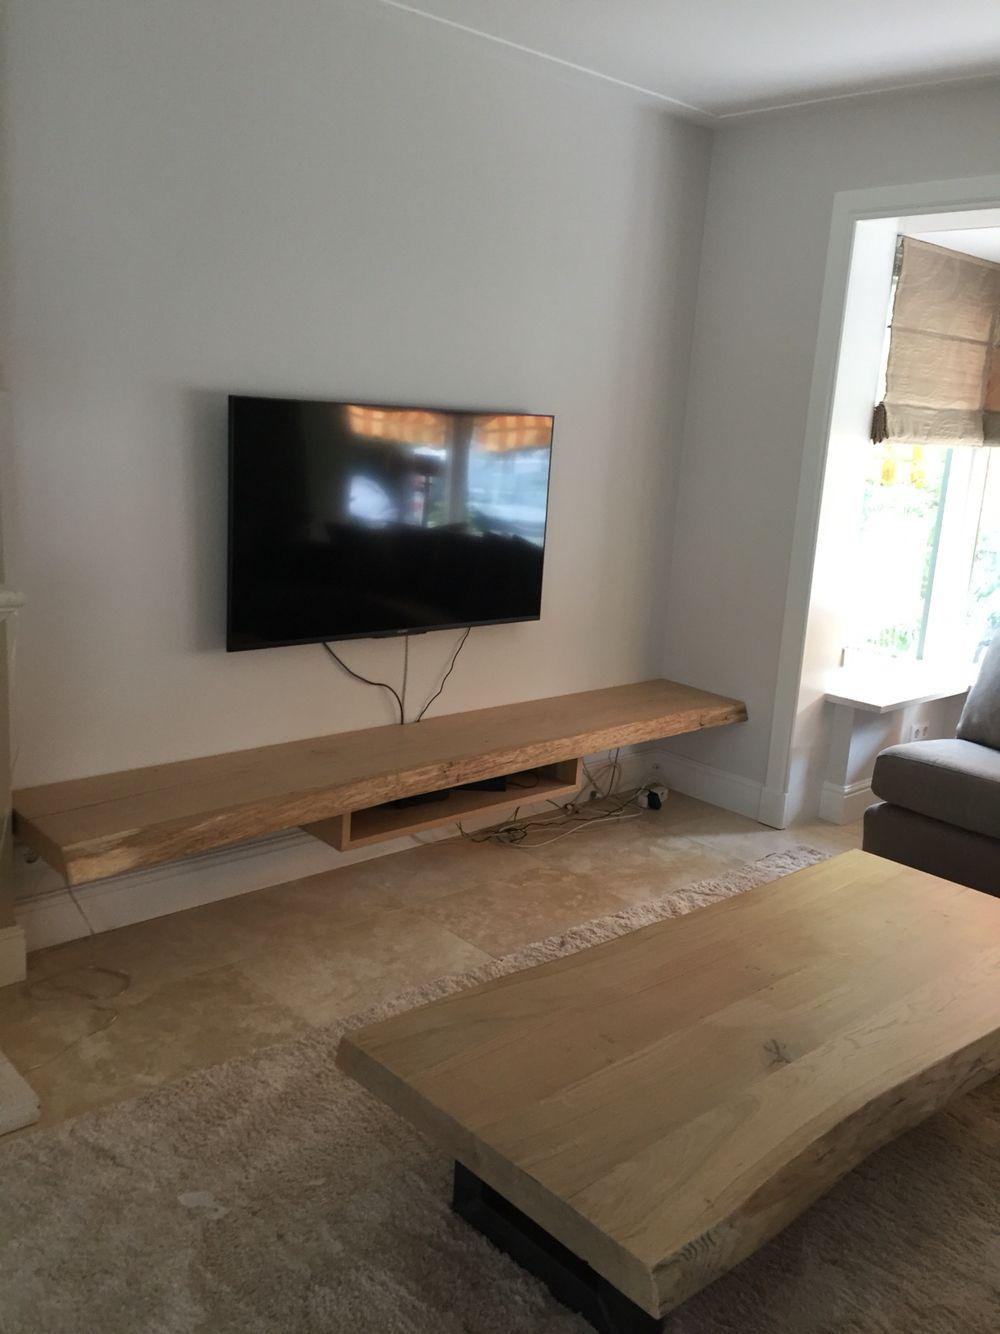 Tv Meubel Ophangen.Boomstam Tv Dressoir Tv Kast Op Maat Gemaakt Huis Interieur